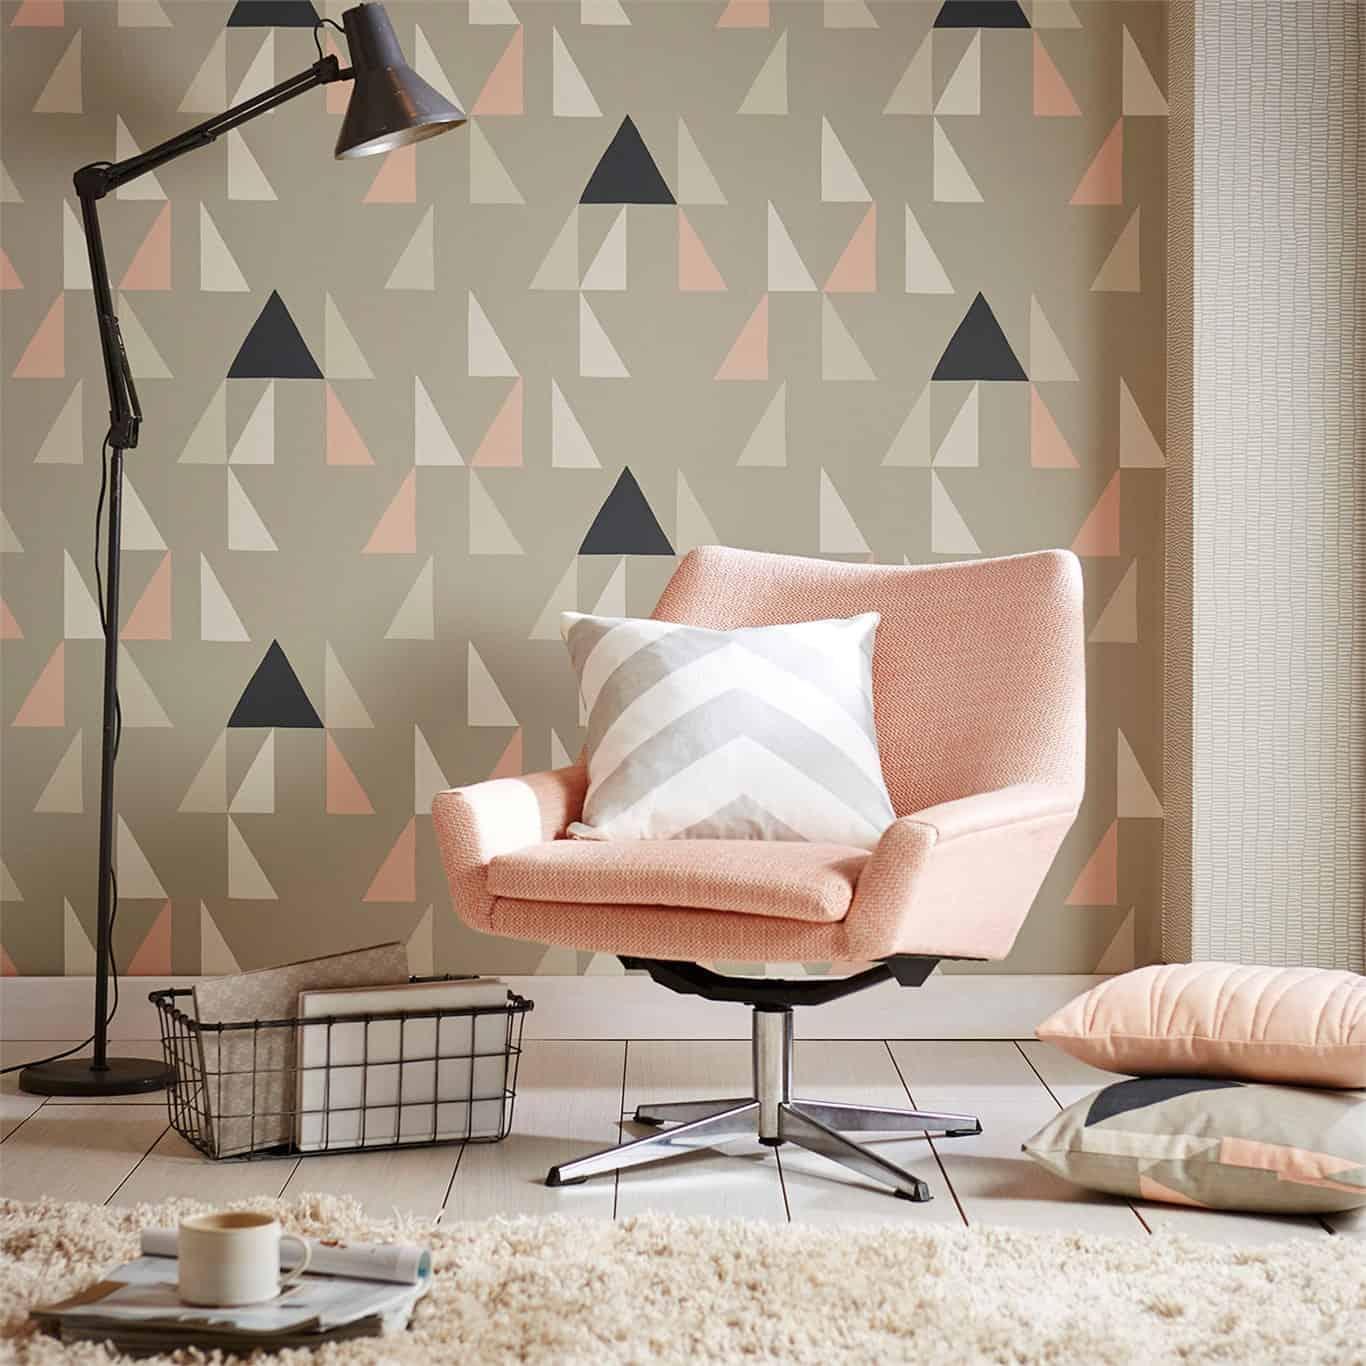 statement geometric wallpaper